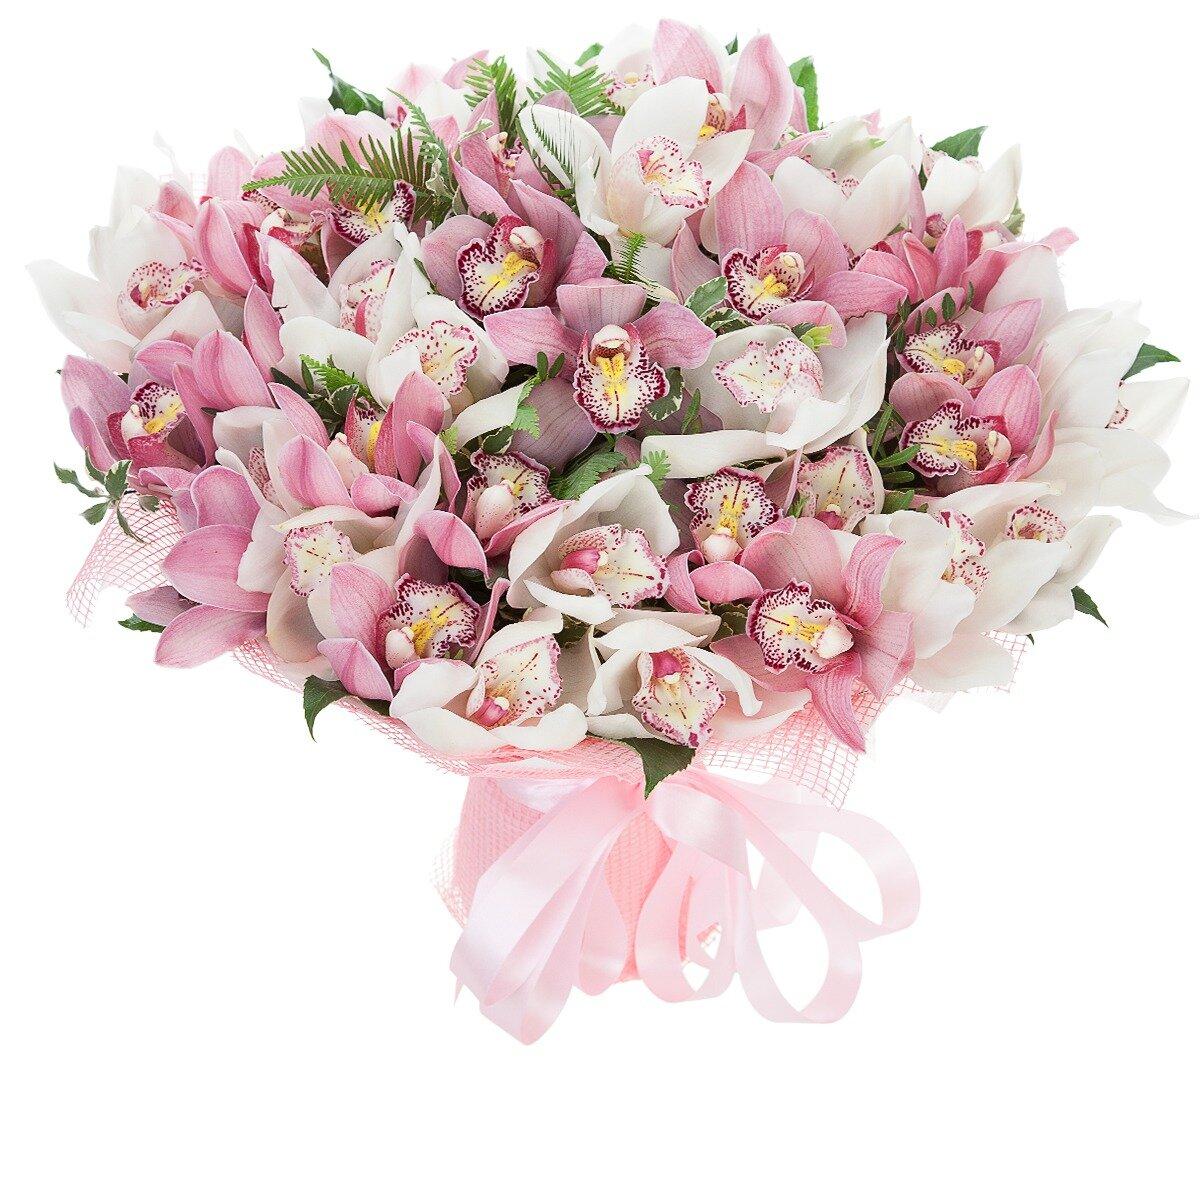 Заказать цветы с доставкой в новосибирске, февраля